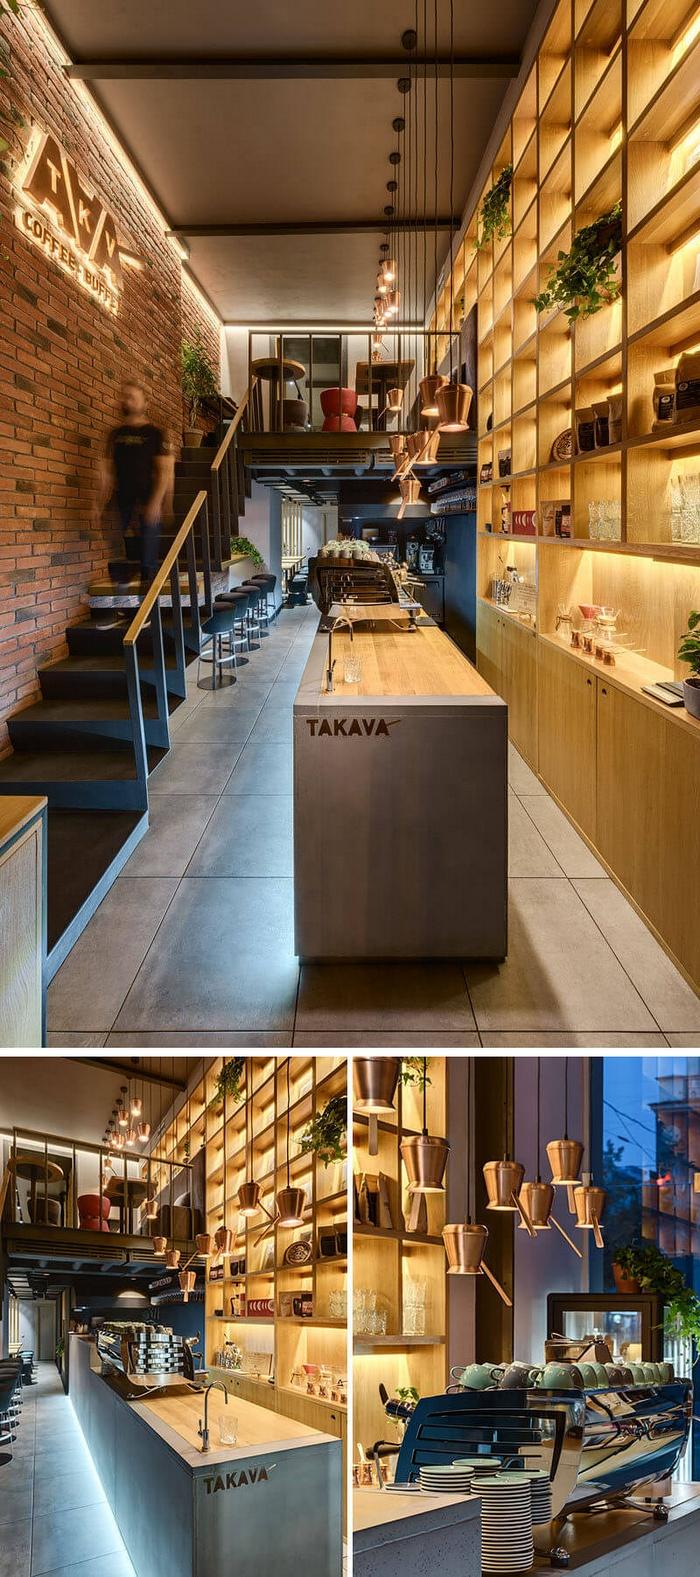 乌克兰 TAKAVA 咖啡厅设计 咖啡厅设计